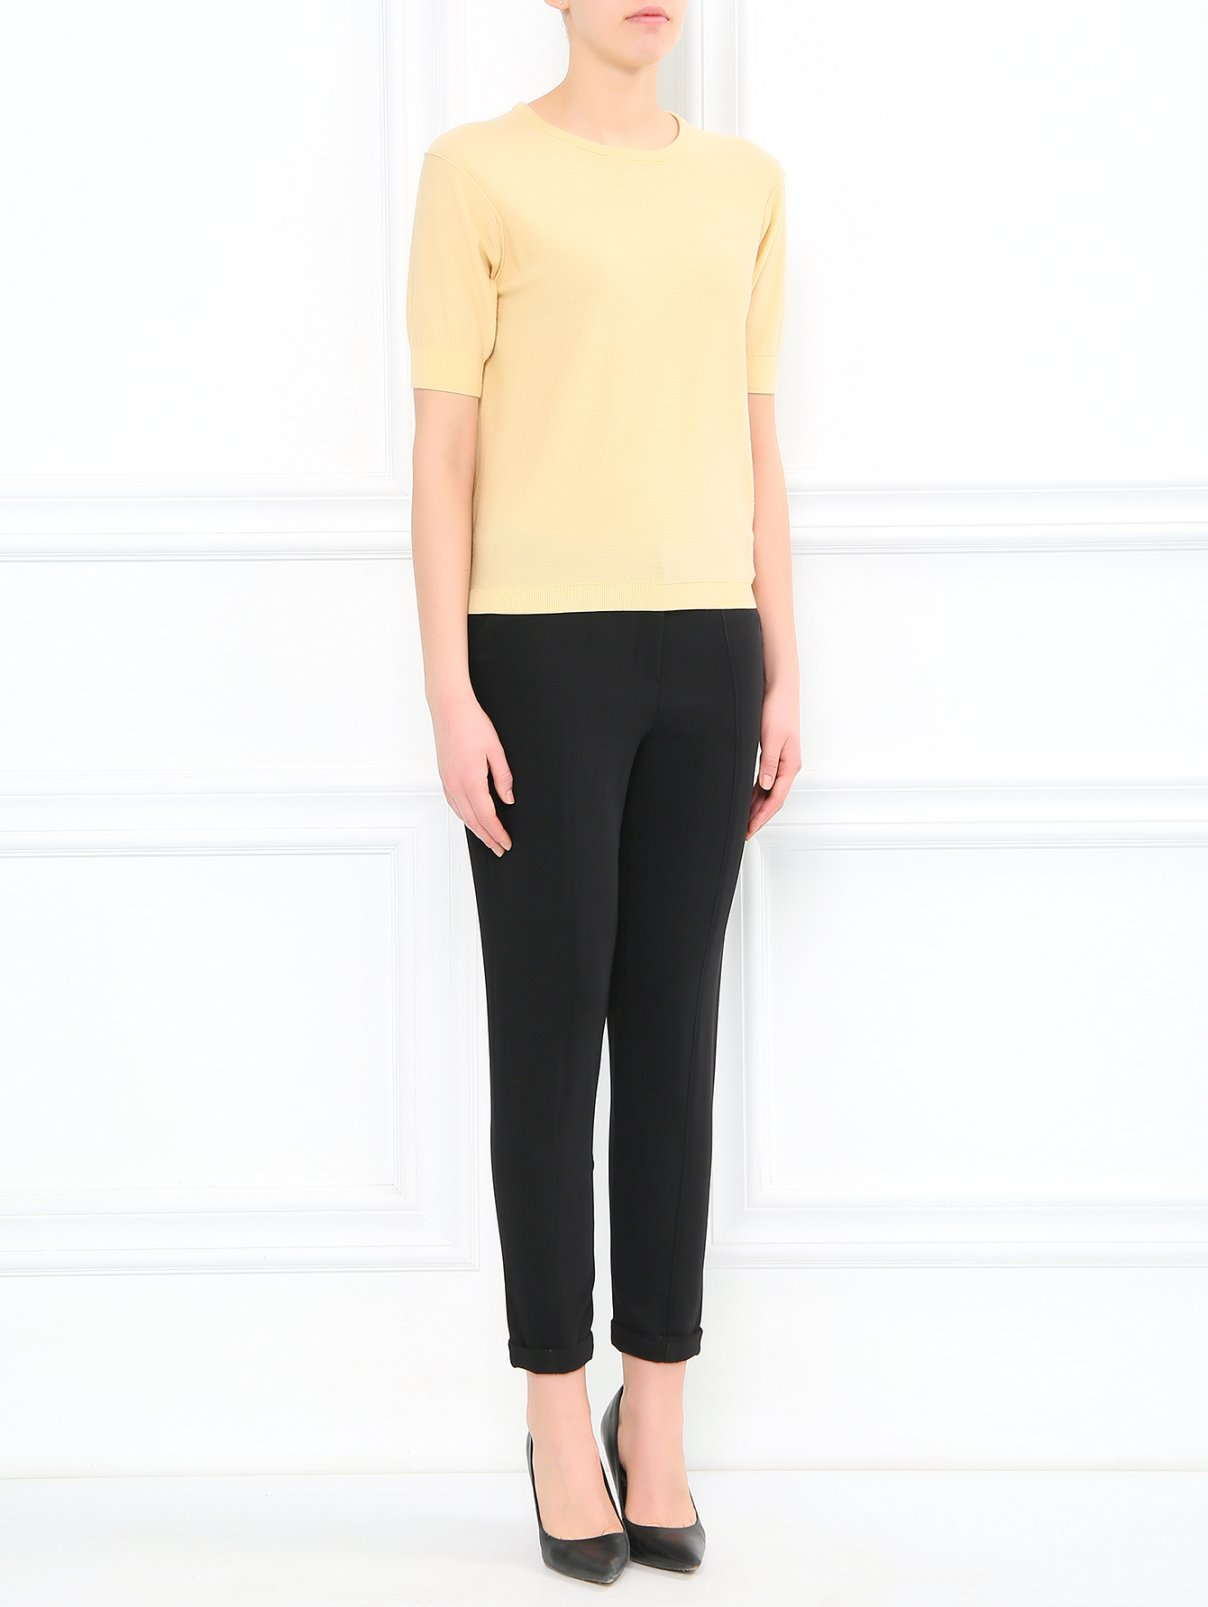 Узкие брюки со стрелками Elizabeth & James  –  Модель Общий вид